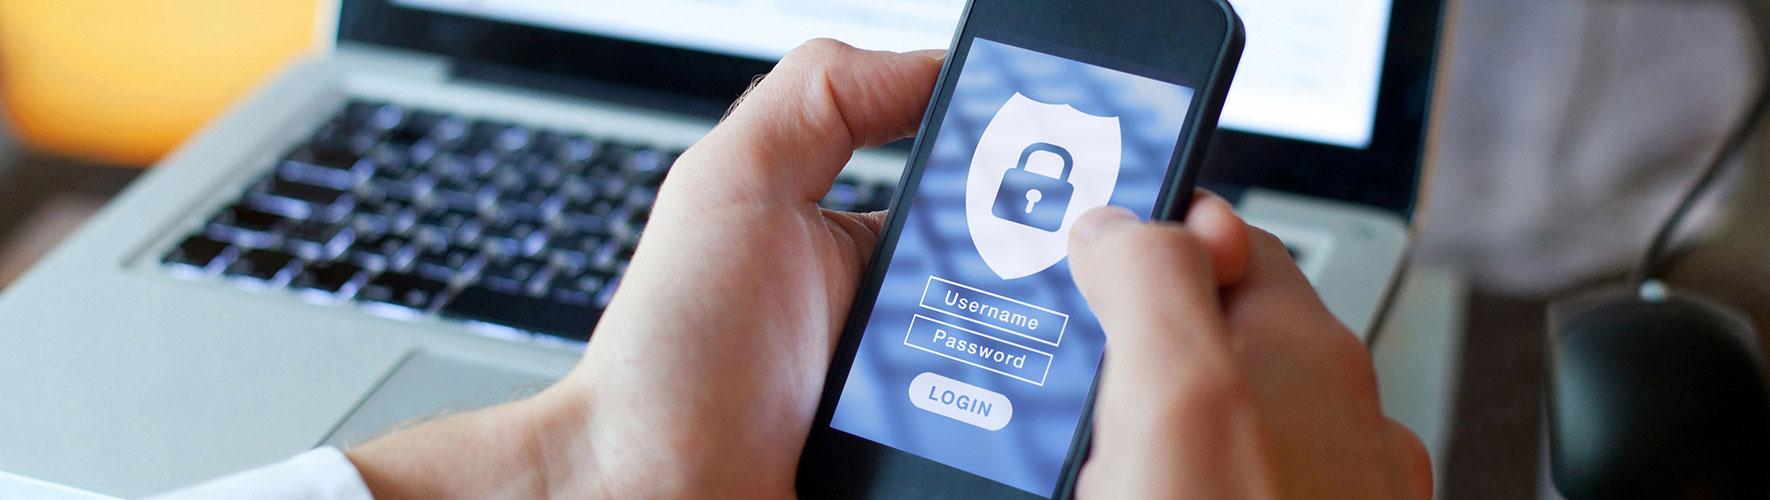 IT Sicherheit ist Chefsache: Cybersecurity